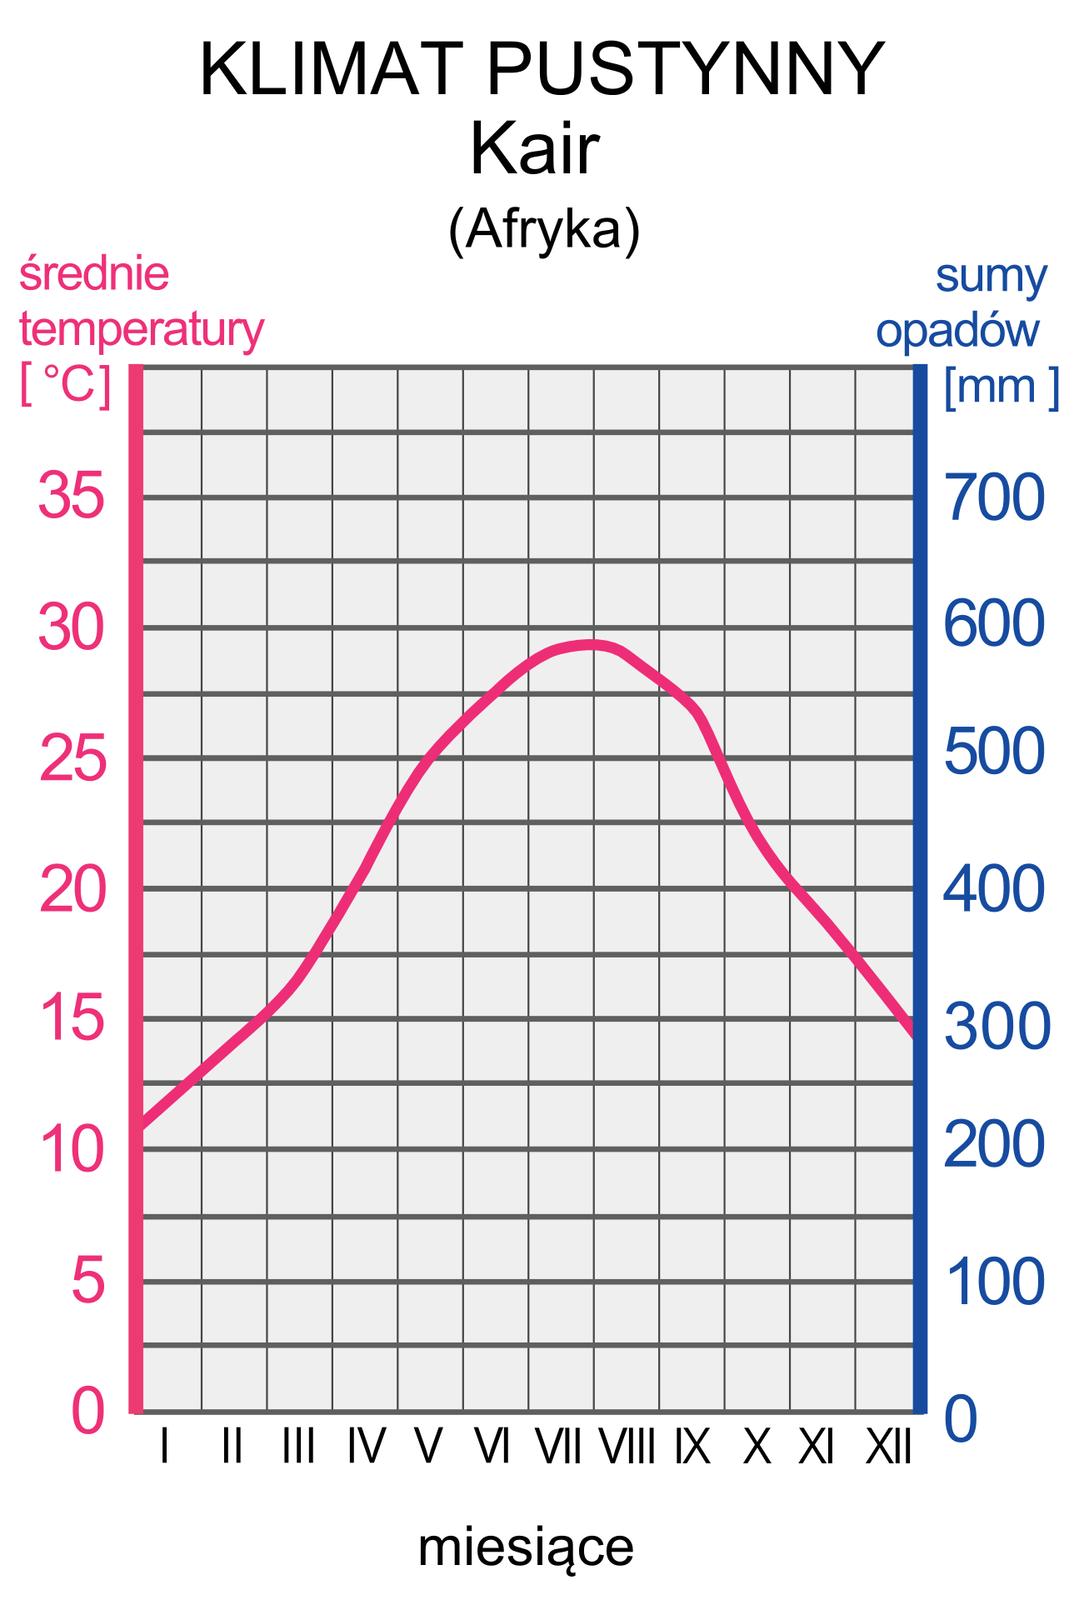 Ilustracja prezentuje wykres – klimatogram klimatu pustynnego zKairu wAfryce. Na lewej osi wykresu wyskalowano średnie temperatury wstopniach Celsjusza; na prawej osi wykresu wyskalowano sumy opadów wmm. Na osi poziomej zaznaczono cyframi rzymskimi kolejne miesiące. Czerwona linia na wykresie, to średnie temperatury wposzczególnych miesiącach. Tutaj linia wznosi się od 10 stopni wstyczniu do 30 stopni wlipcu iponownie opada do 10 stopni wgrudniu. Opadów brak.